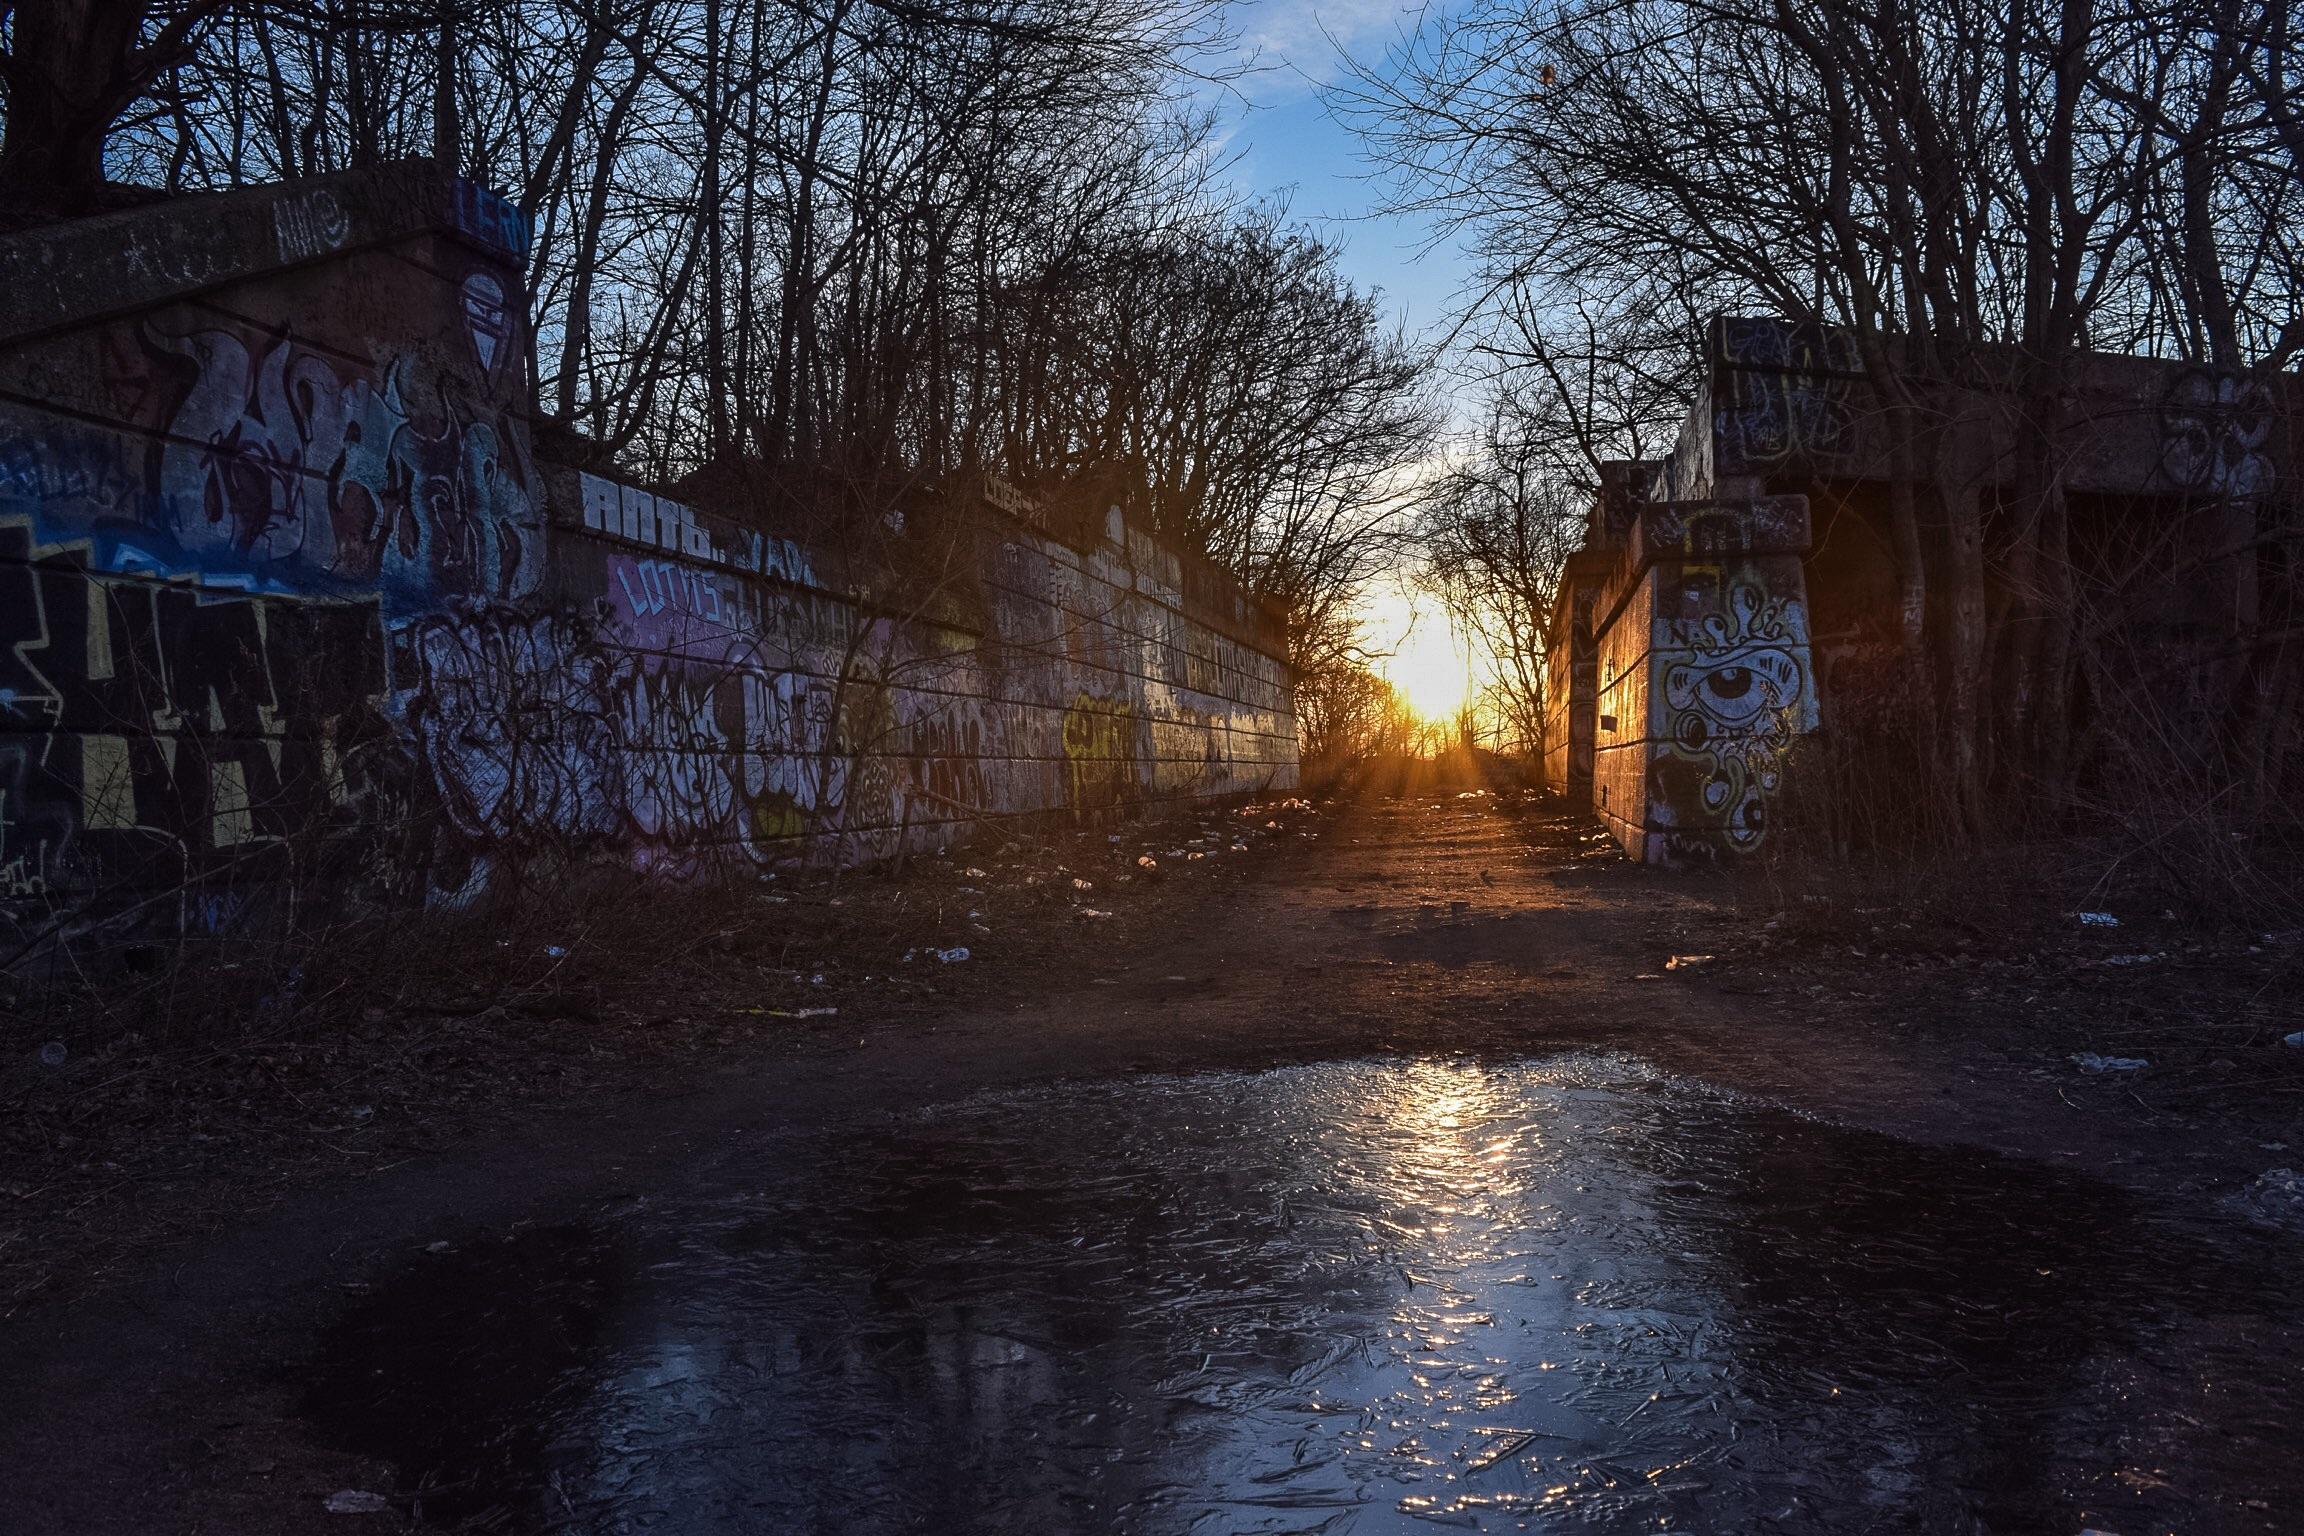 Sunrise over Graffiti Pier, March 2016